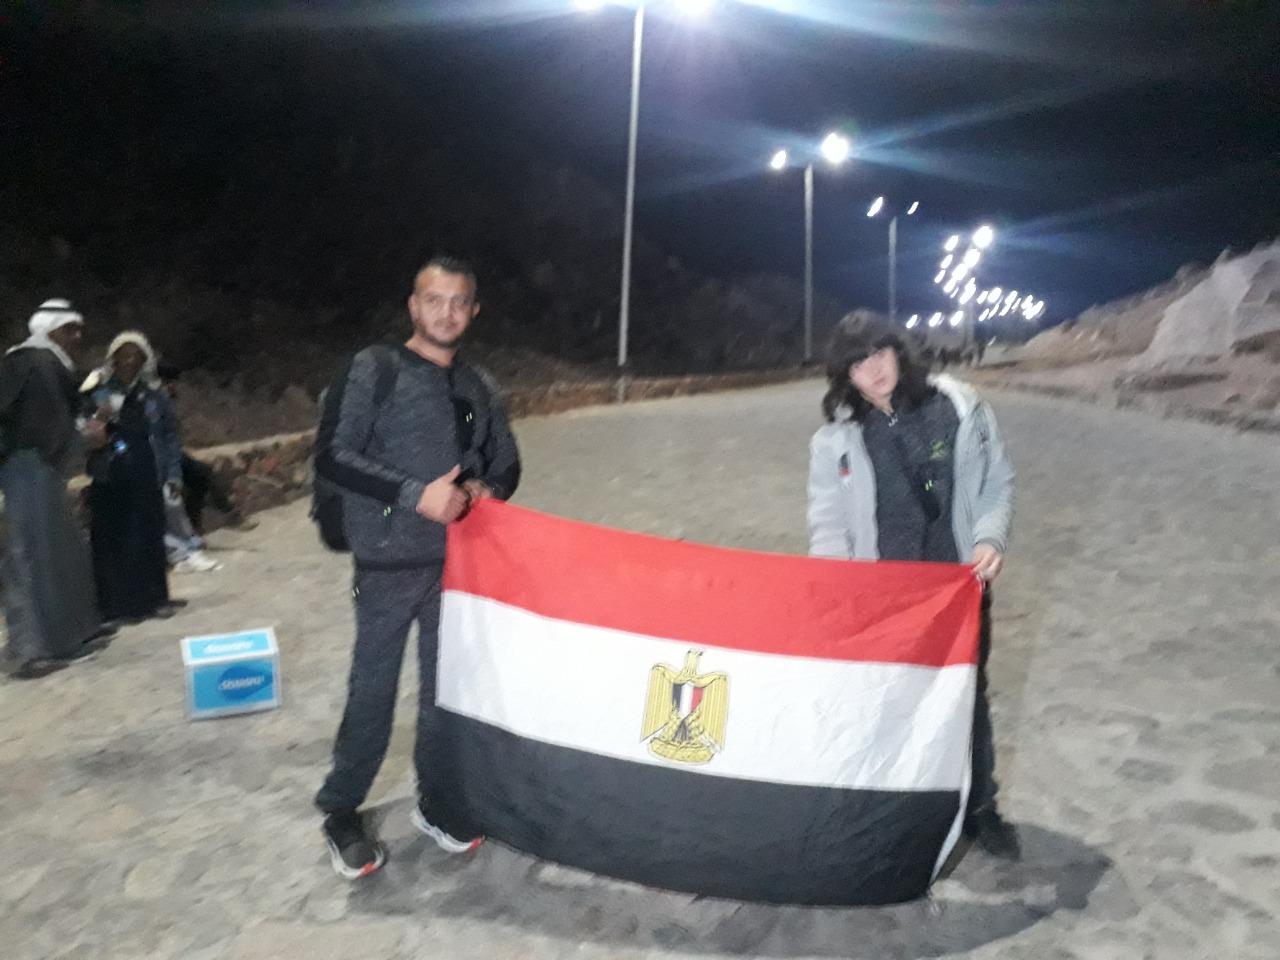 نجاح أول طفل معاق فى تسلق جبل موسى للترويج للسياحة البيئية  (2)